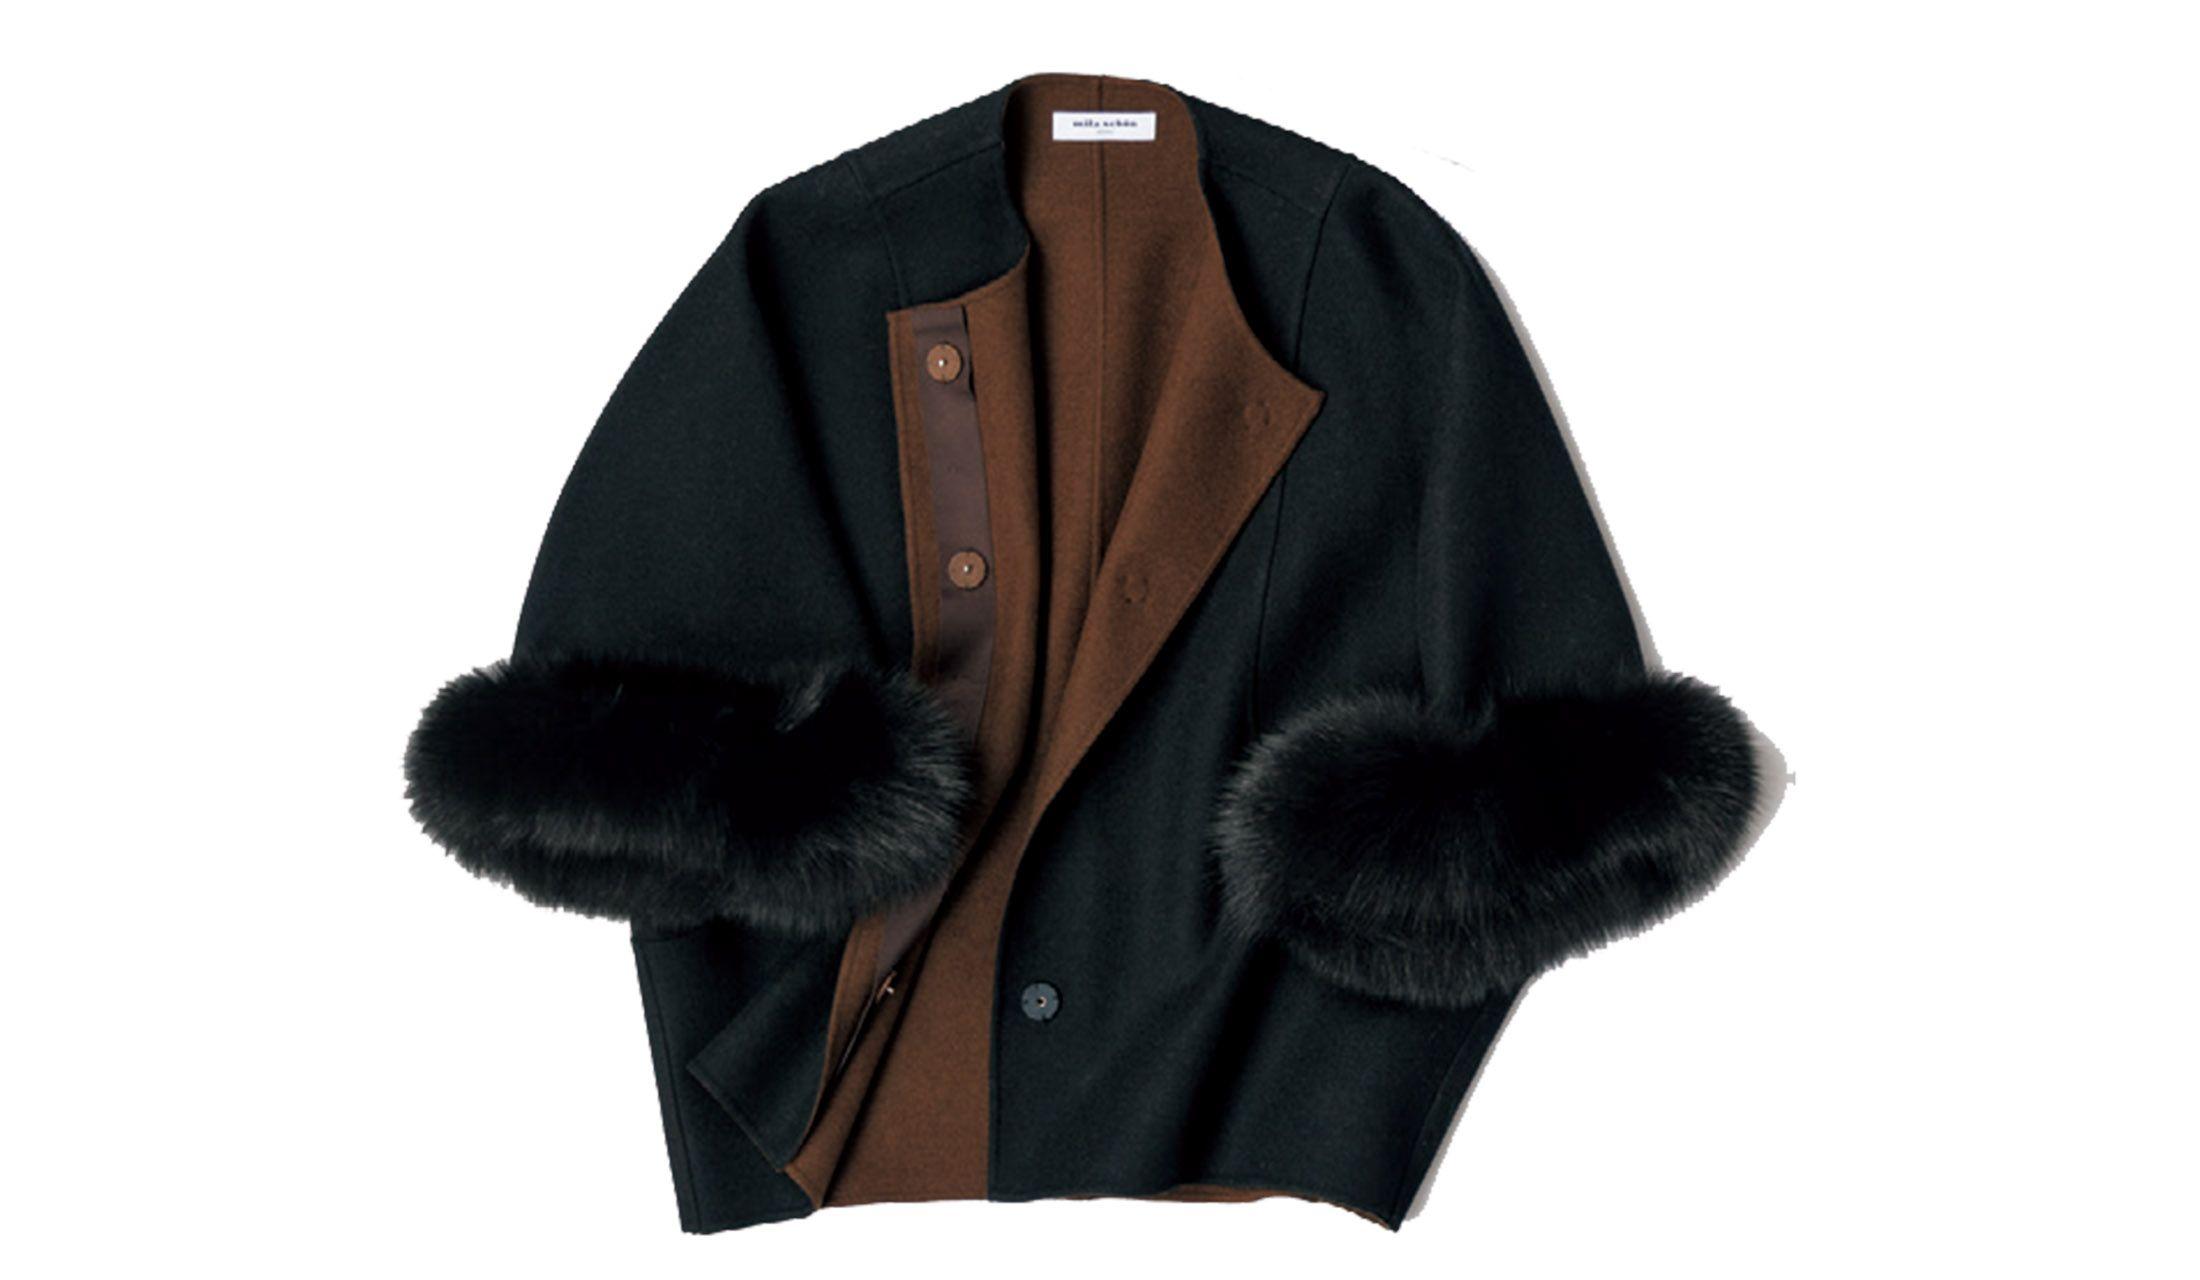 ミラ・ショーンのファートリミング付きのウールジャケット